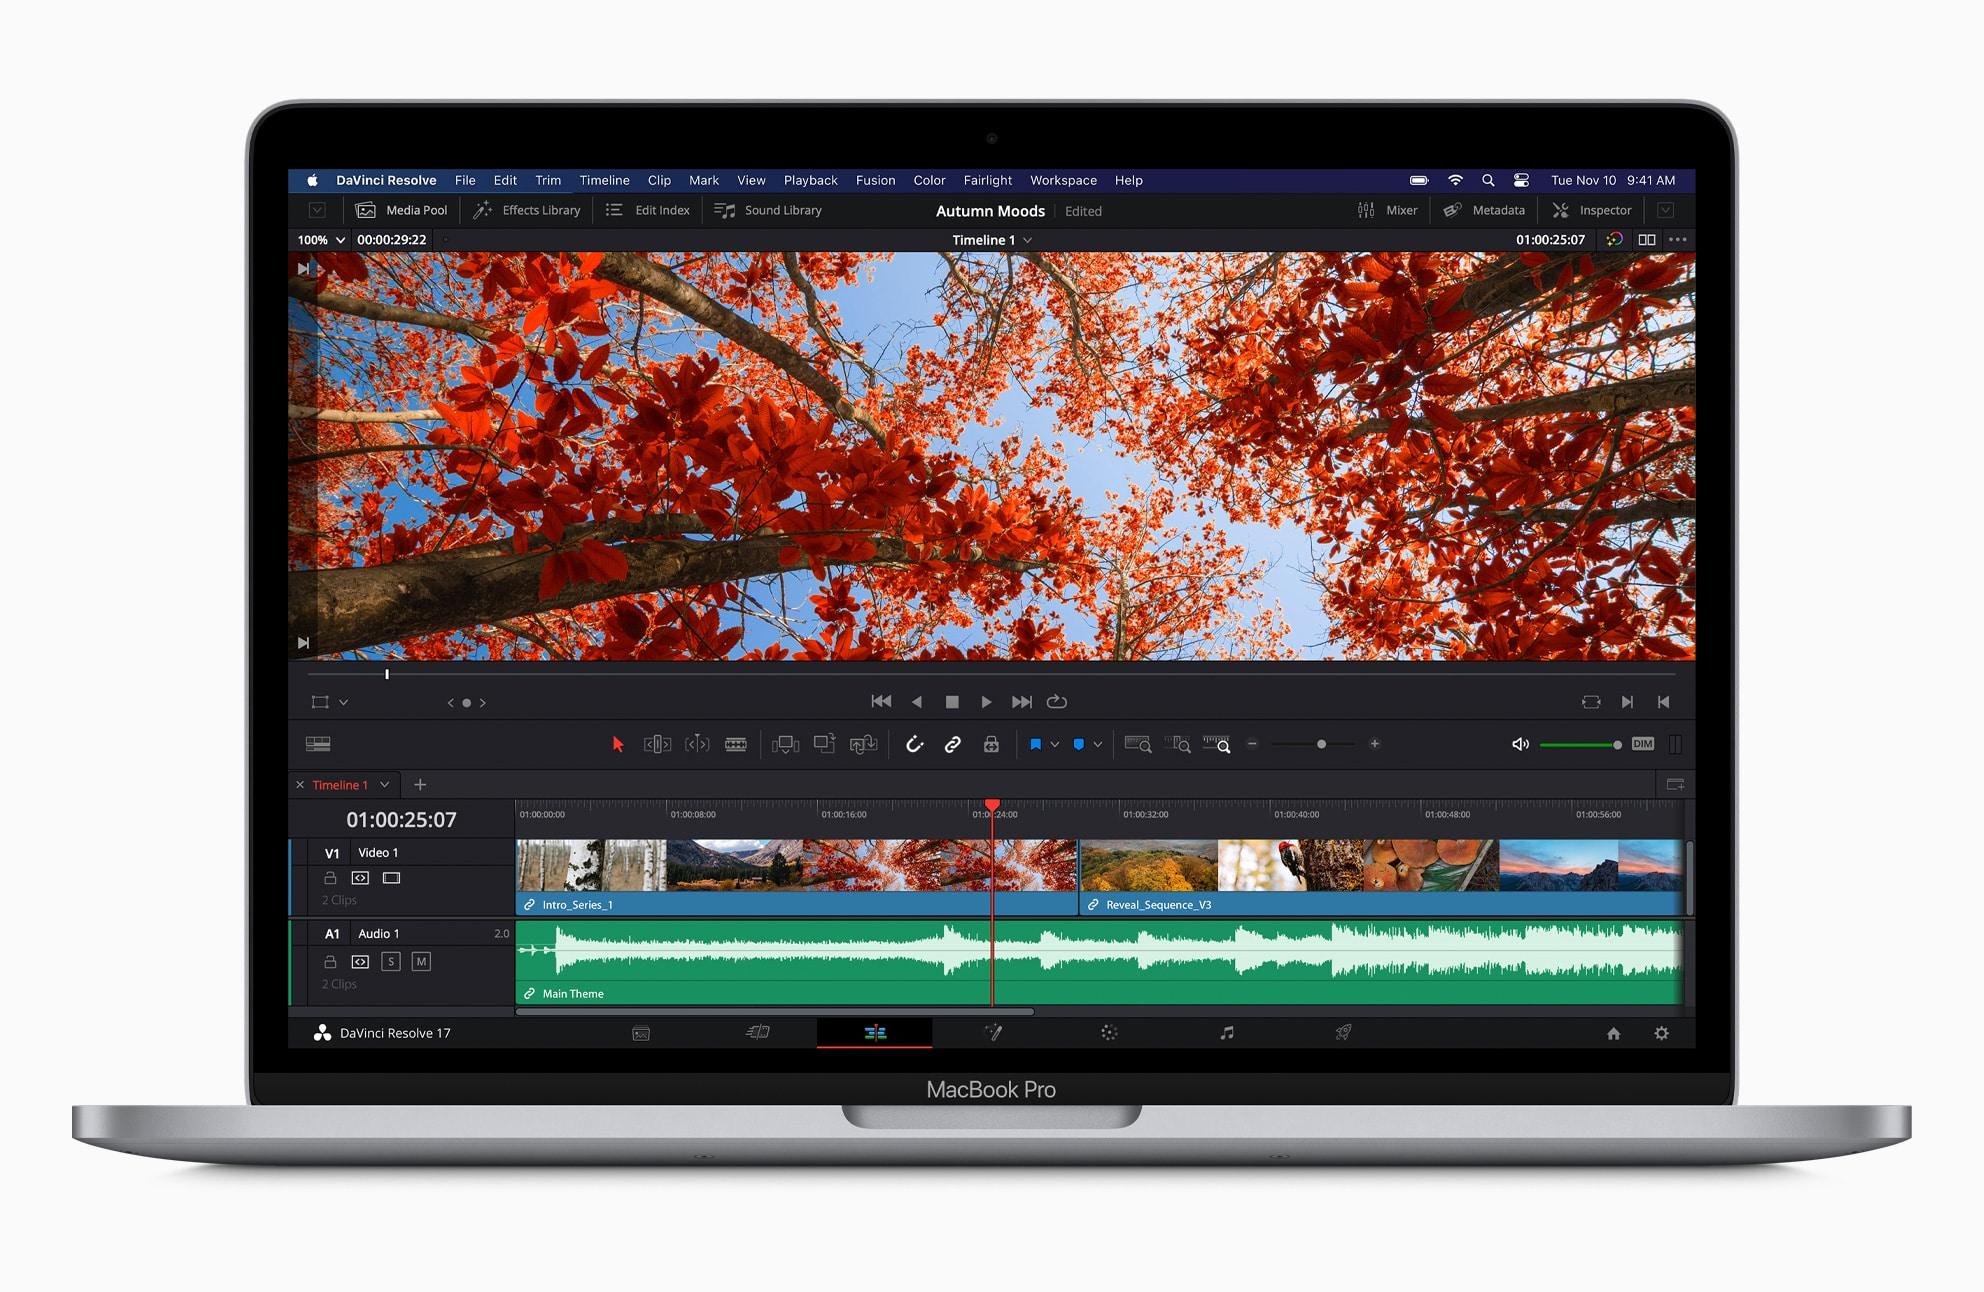 DaVinci Resolve rodando num MacBook Pro de 13 polegadas com chip Apple M1